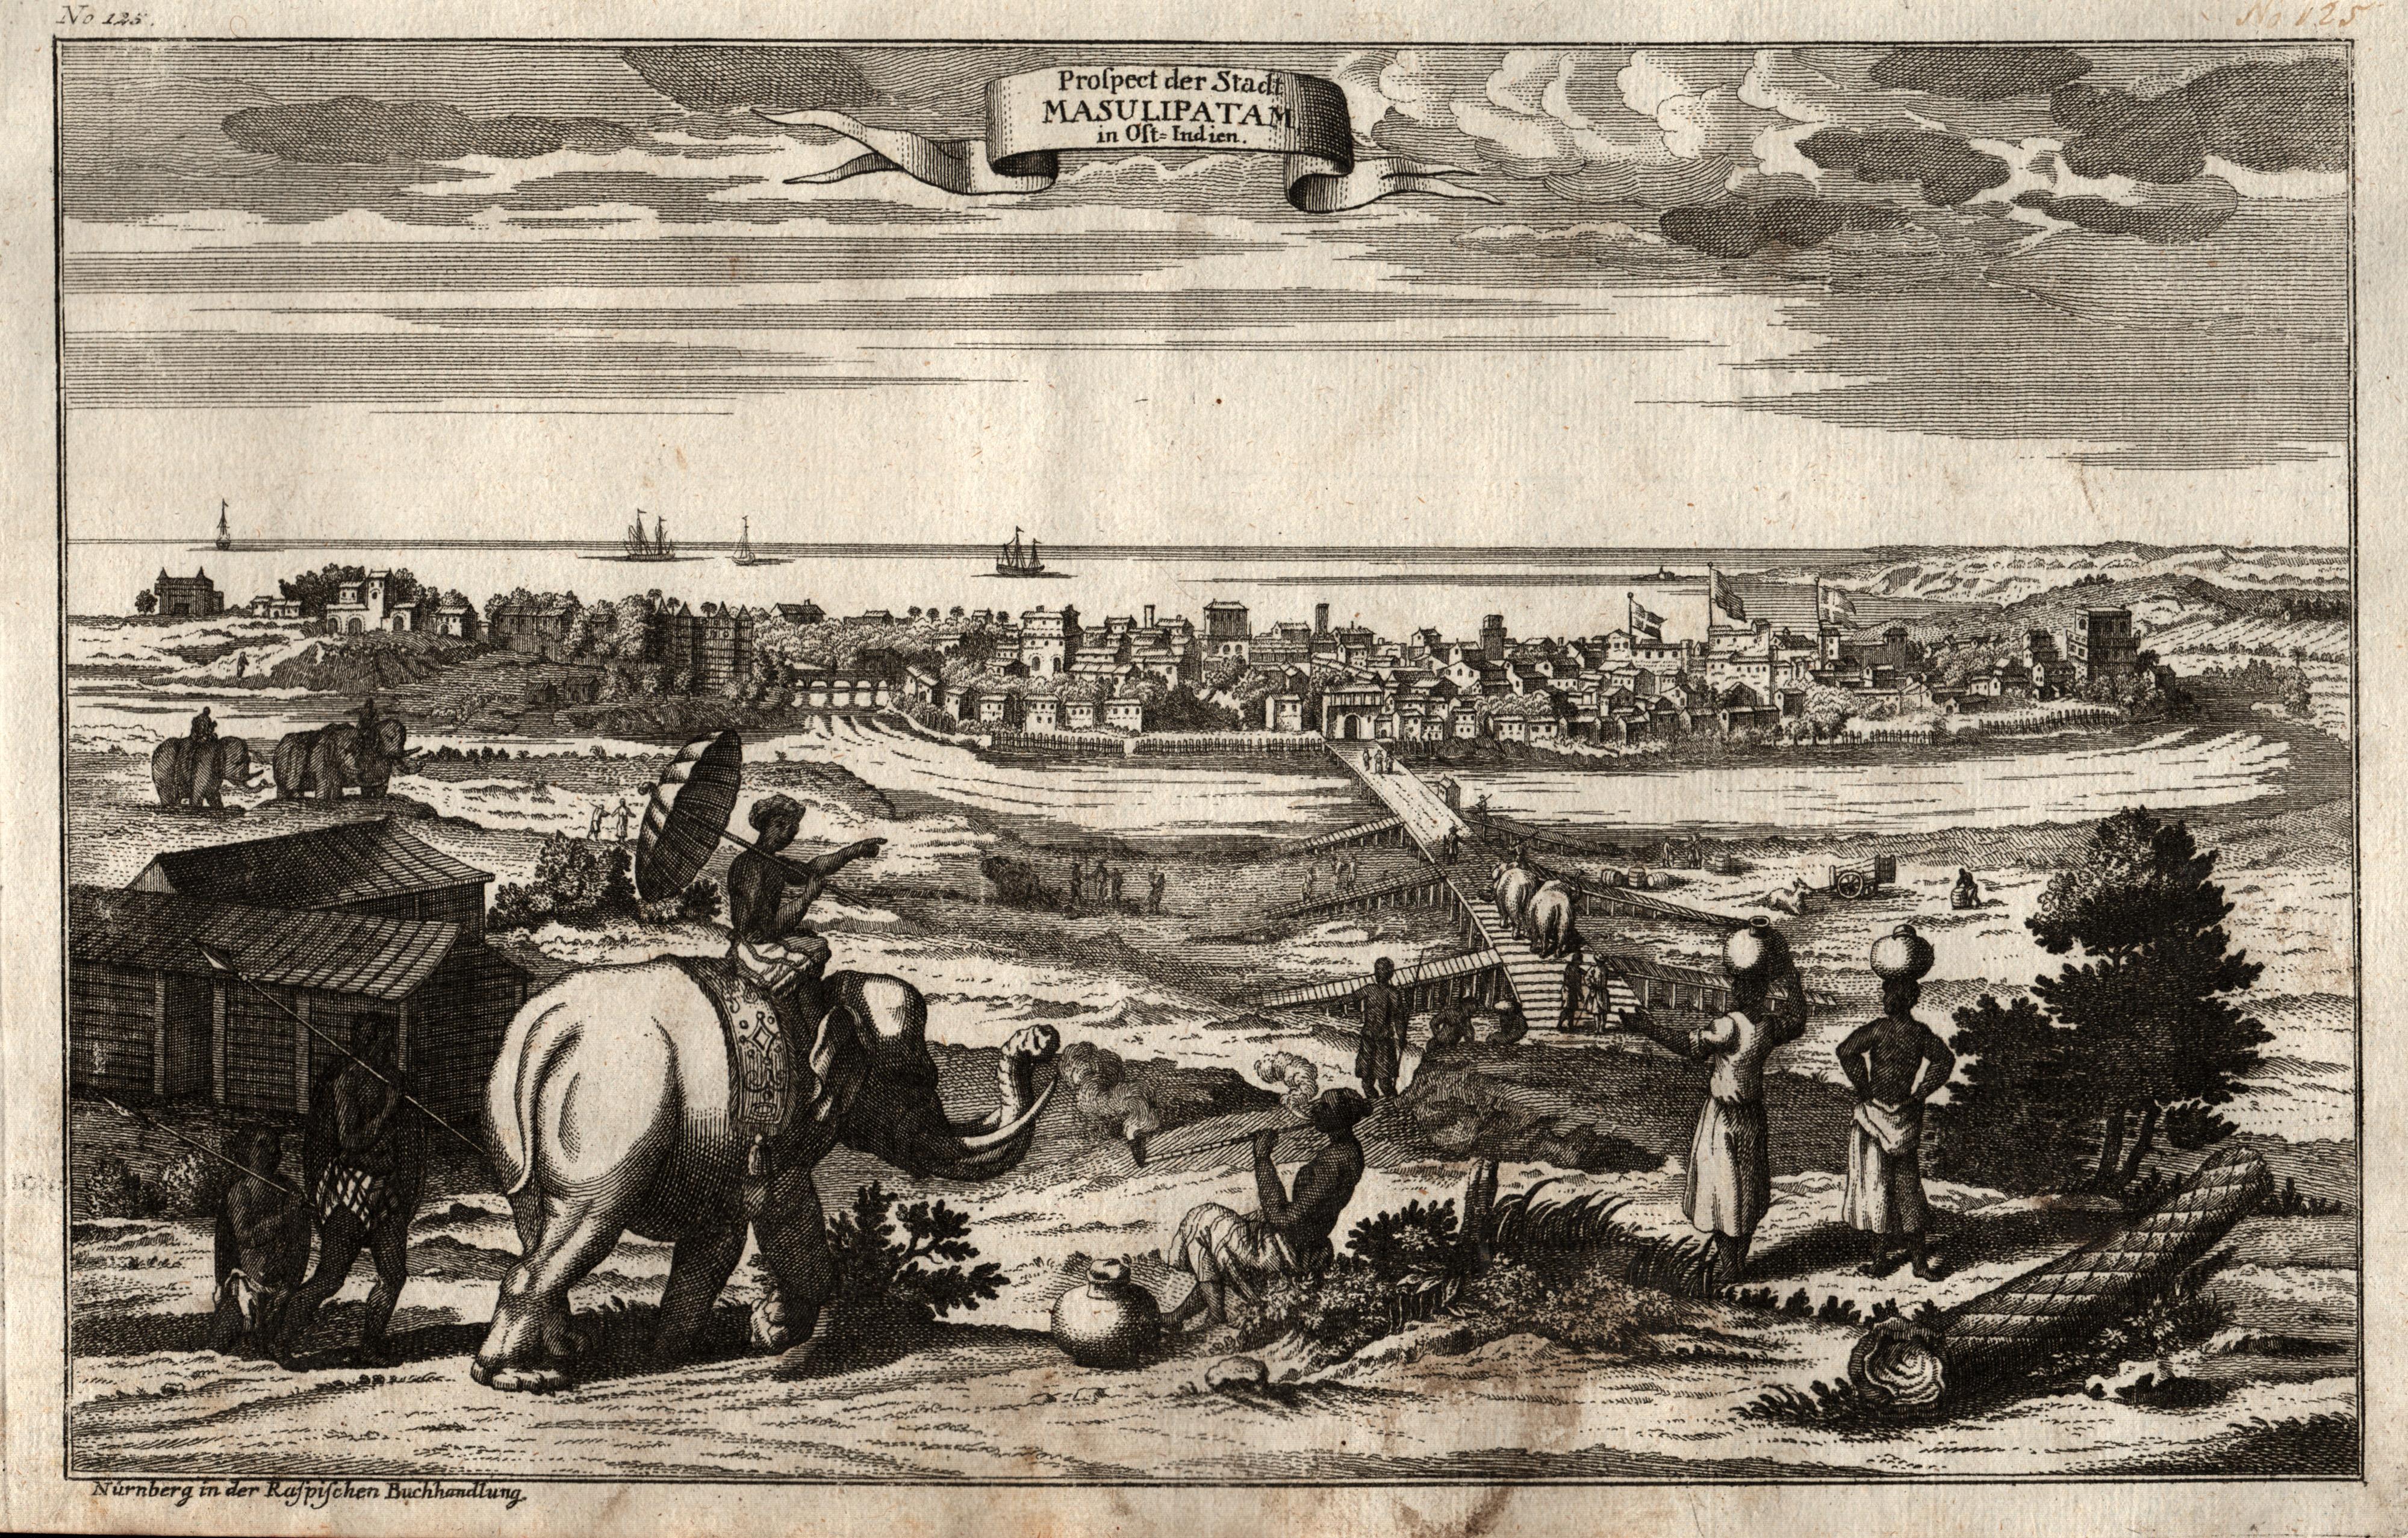 Ansichten & Landkarten Asien Orig Kupferstich Raspe 1763 Masulipatam Gesamtansicht